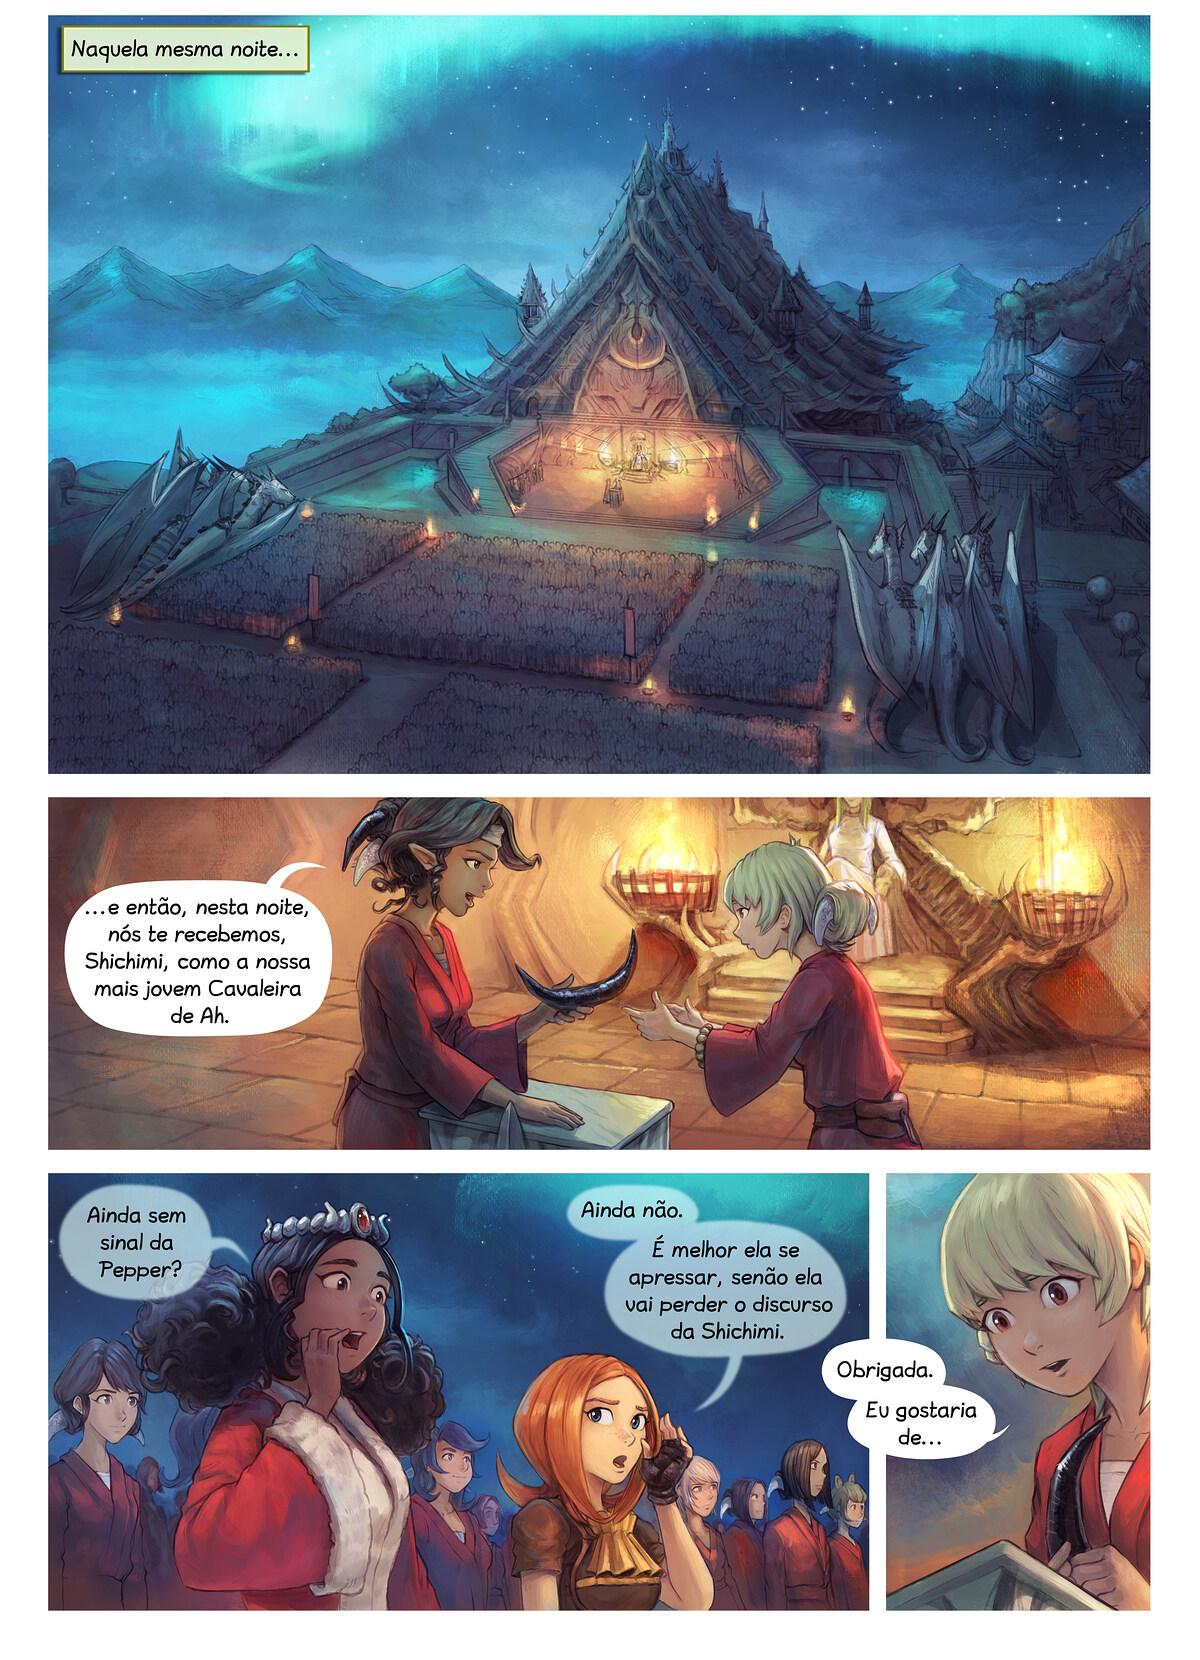 Episódio 34: A Condecoração da Cavaleira Shichimi, Page 1